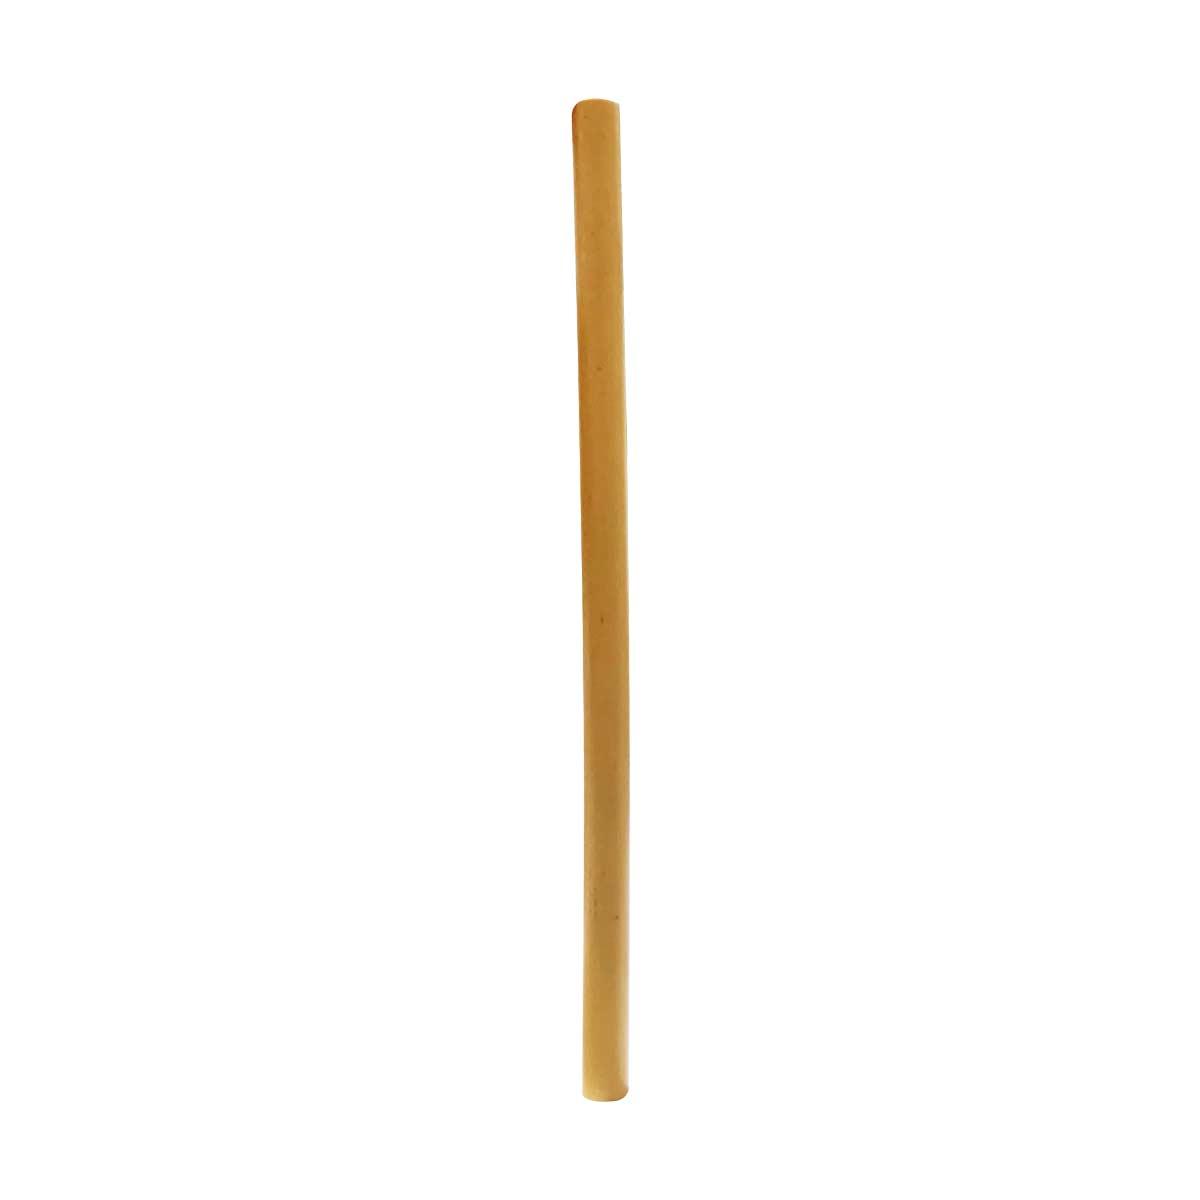 Kit Bambu - Talheres e canudo